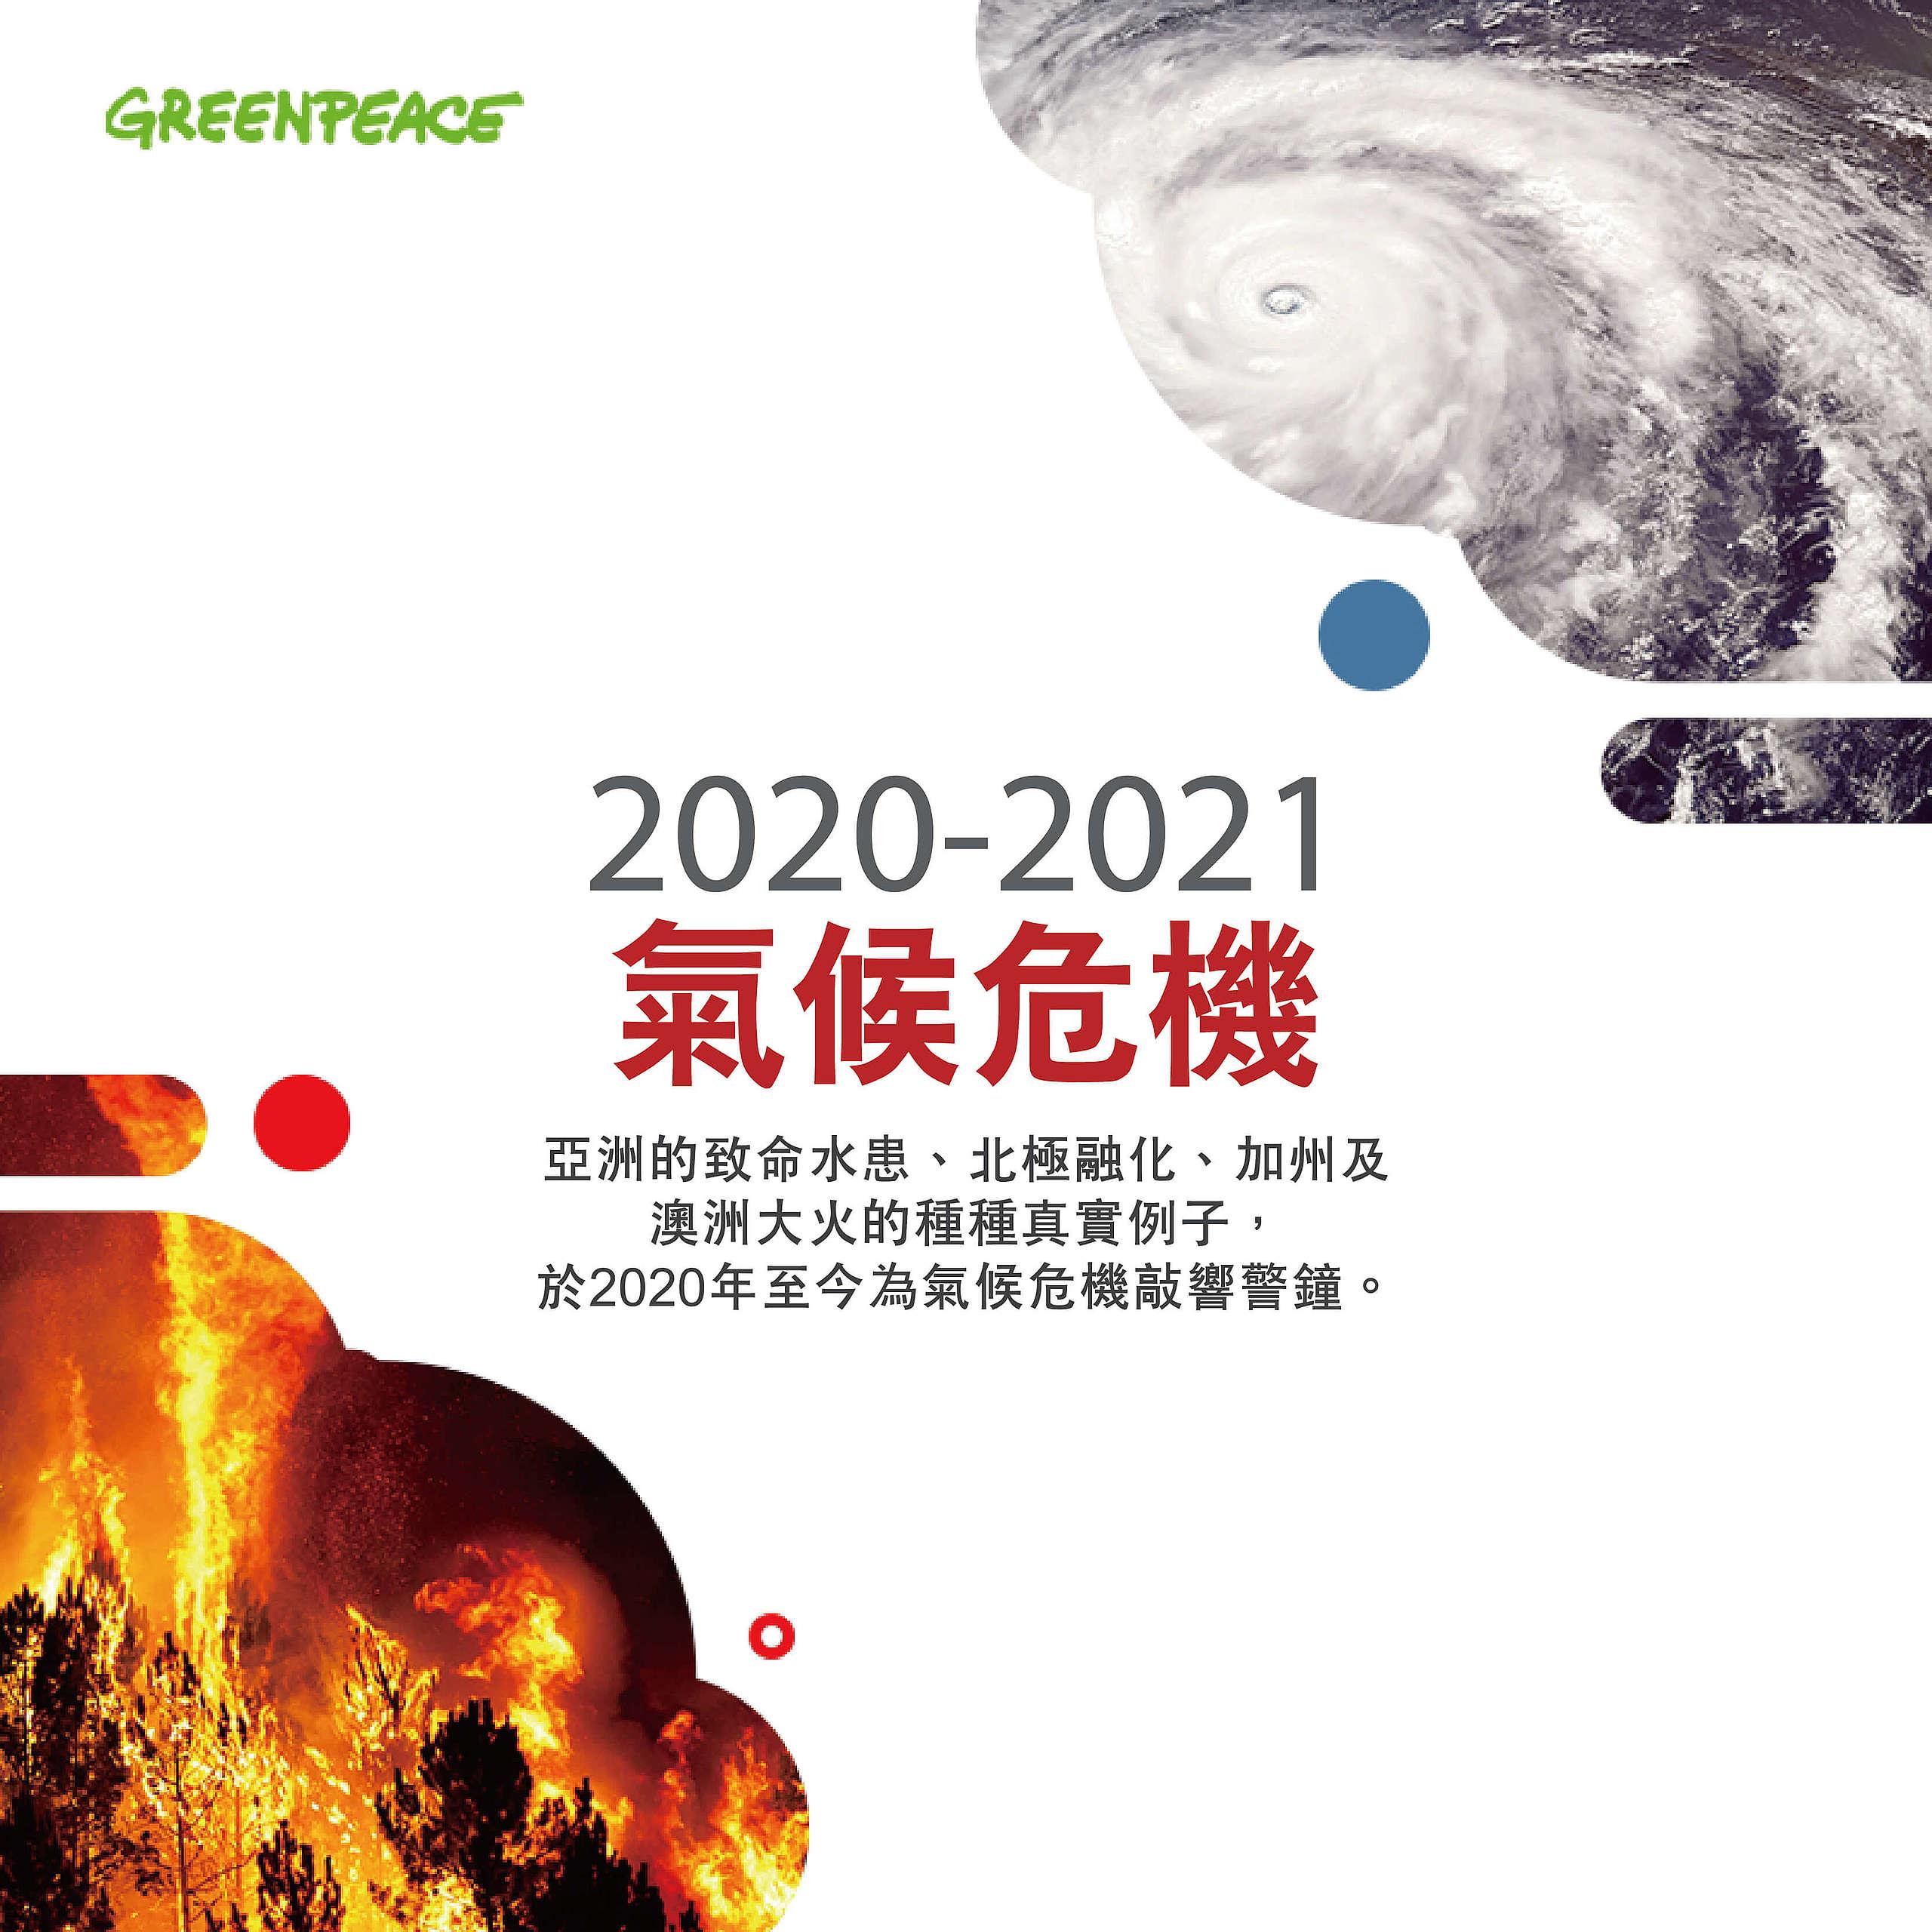 2020-2021年氣候危機